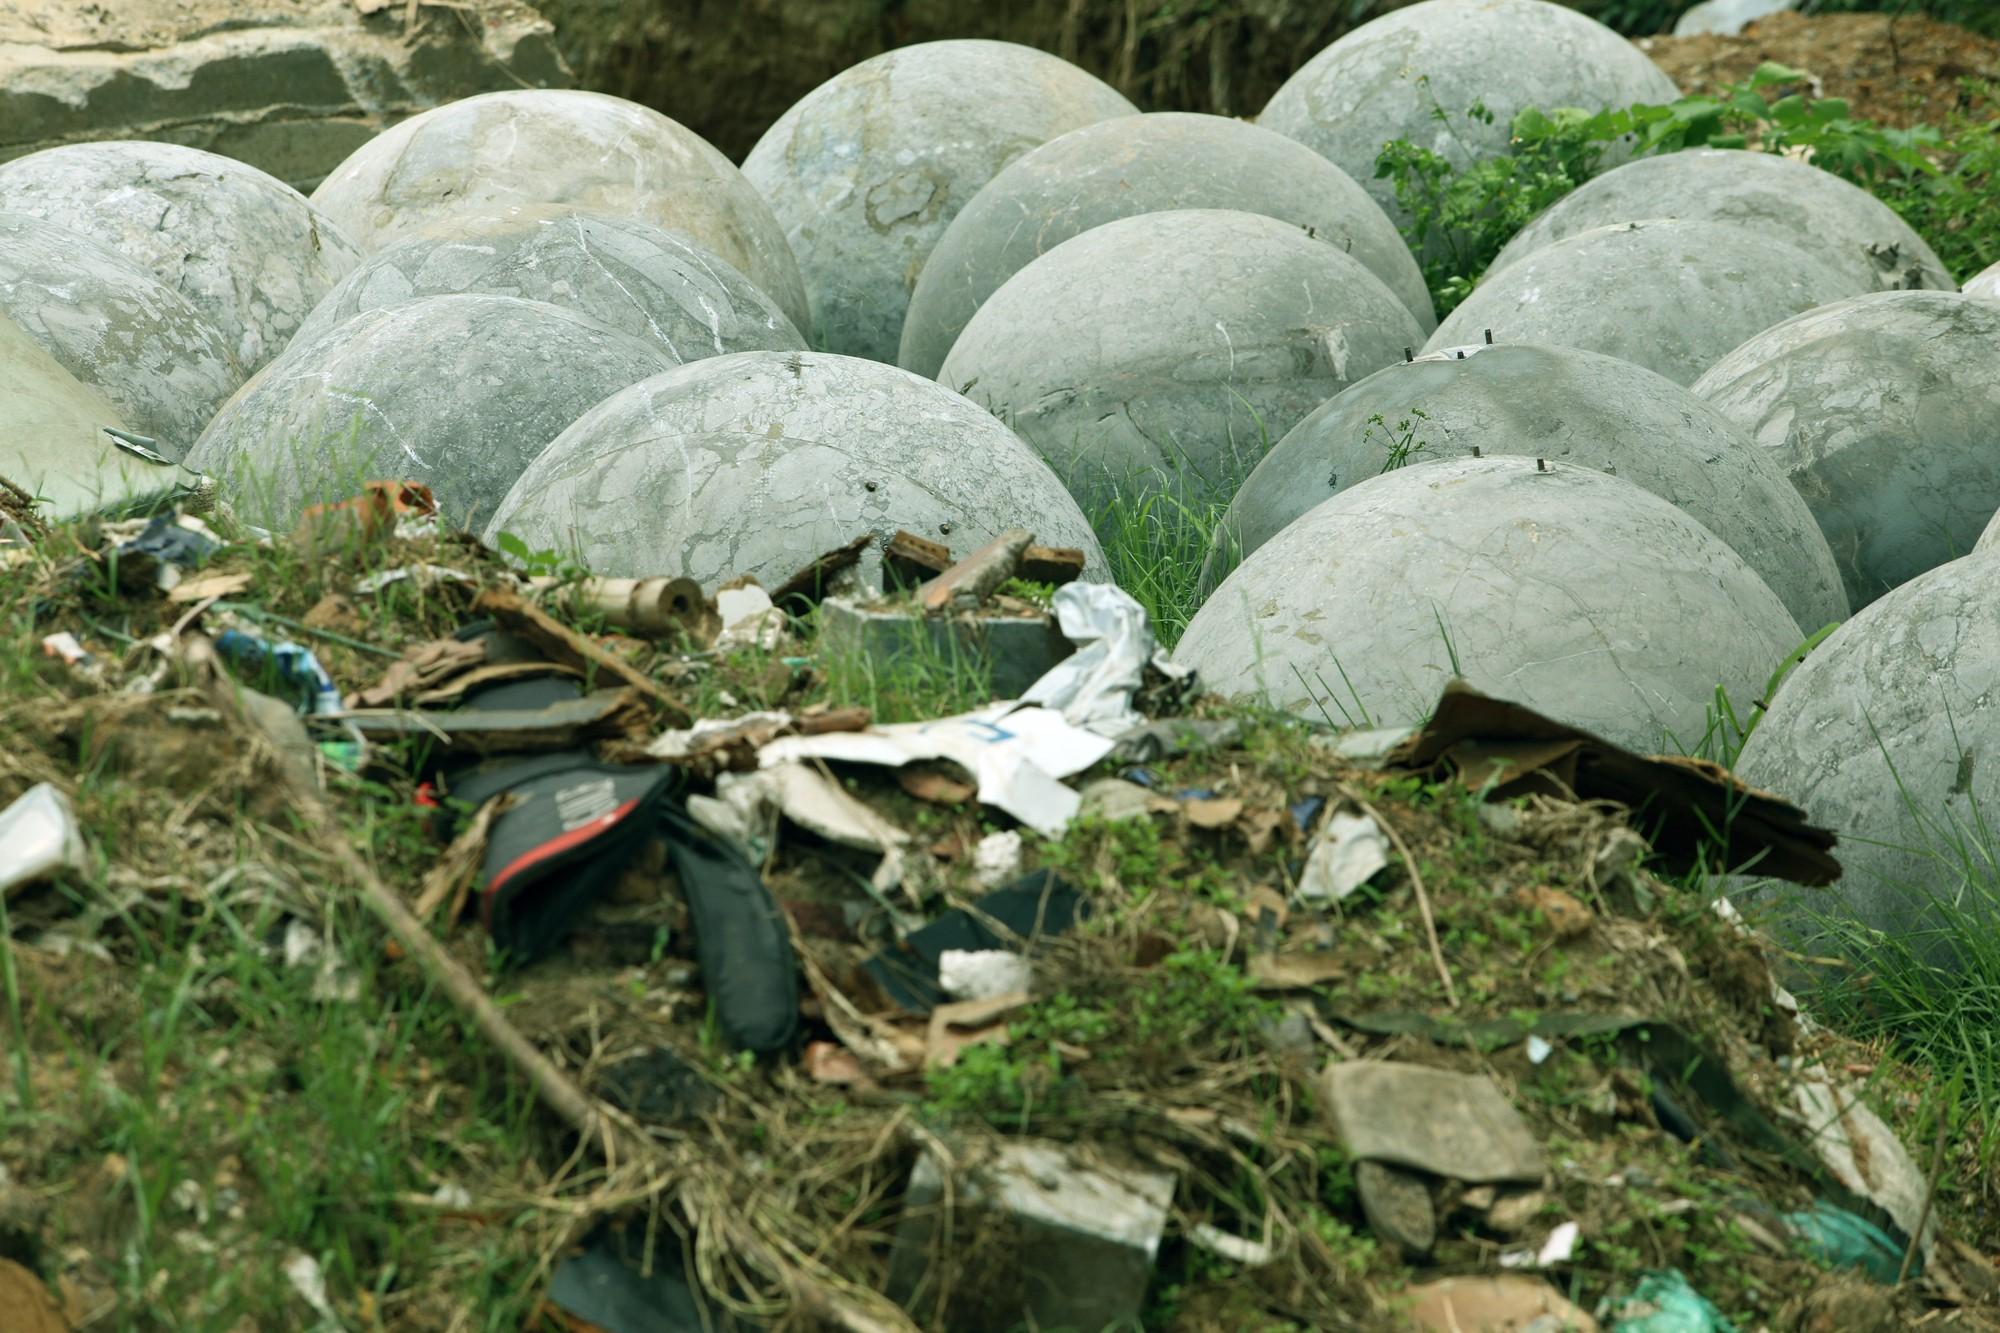 Bóng xích ở sân Mỹ Đình nguy cơ bị chôn trong rác - Ảnh 4.